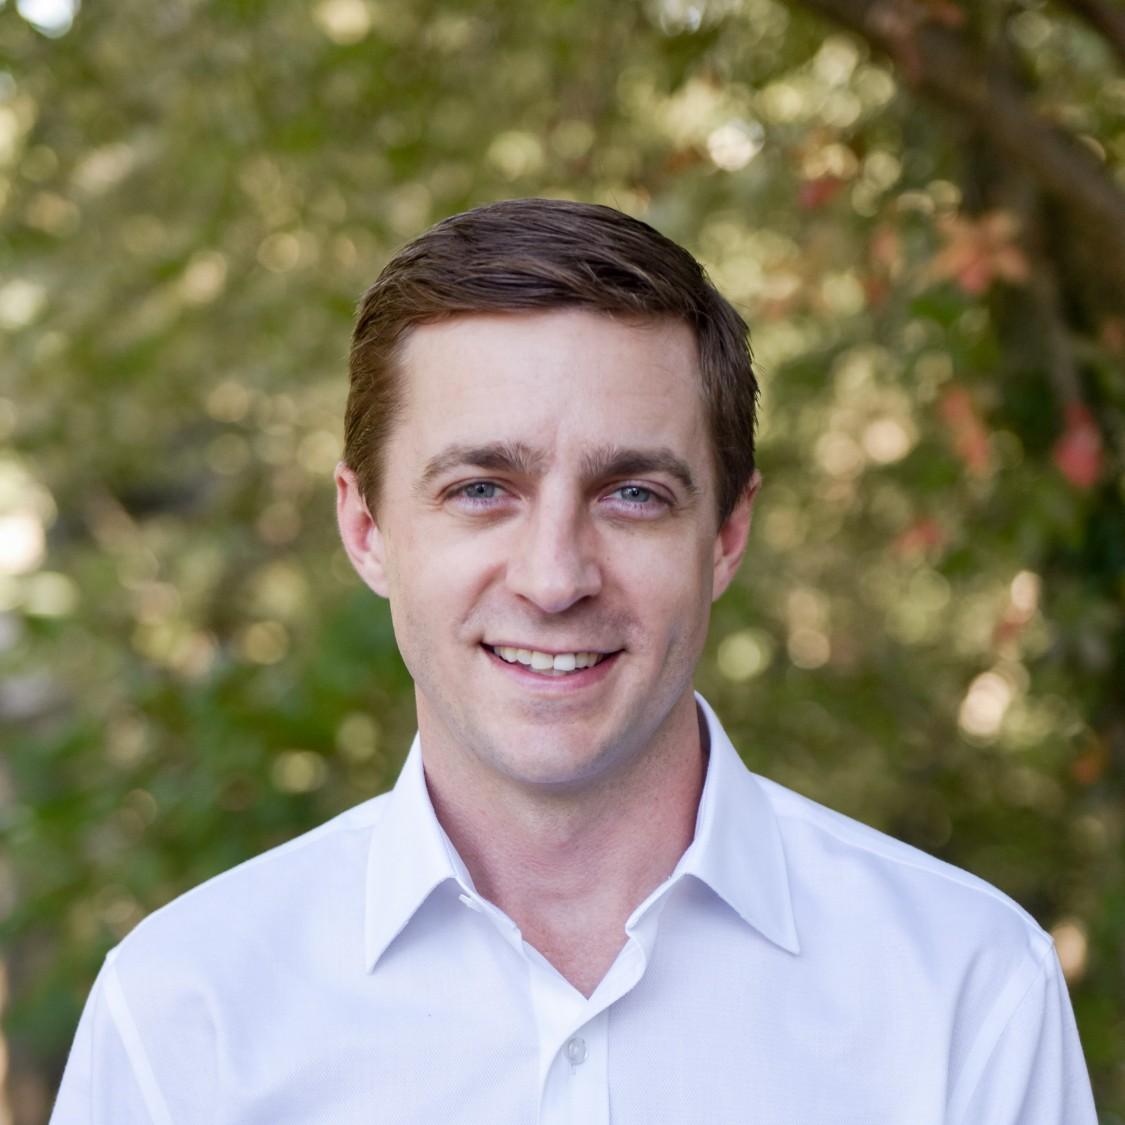 Matt Helgeson